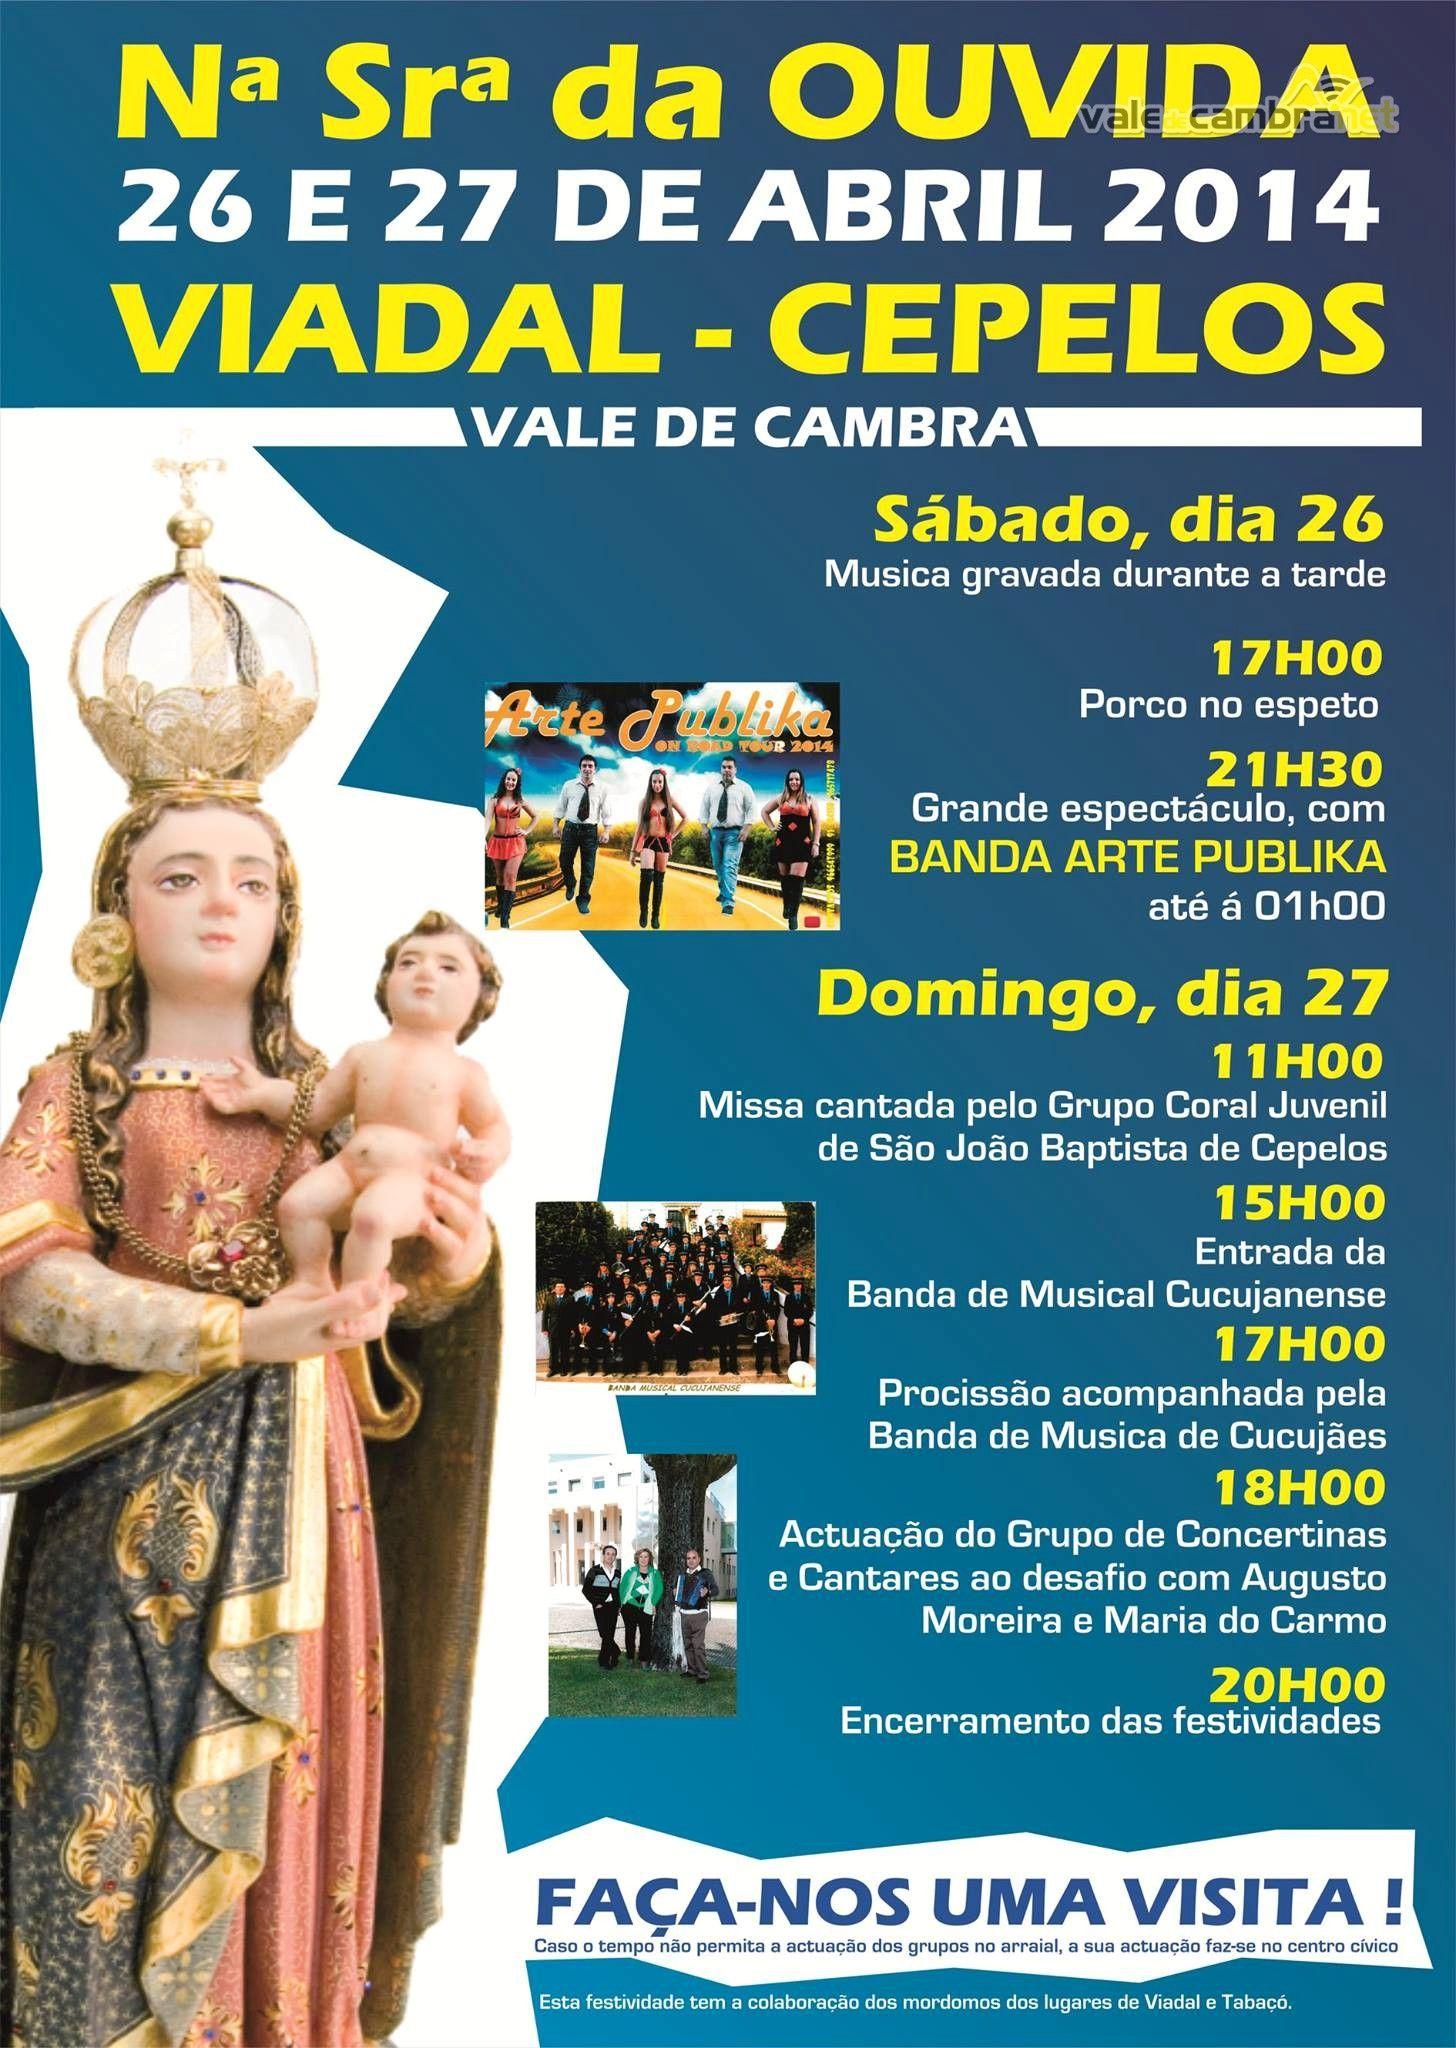 N.ª Sr.ª da Ouvida > 26 e 27 Abril 2014 @ Viadal, Cepelos, Vale de Cambra  #ValeDeCambra #CepelosVLC